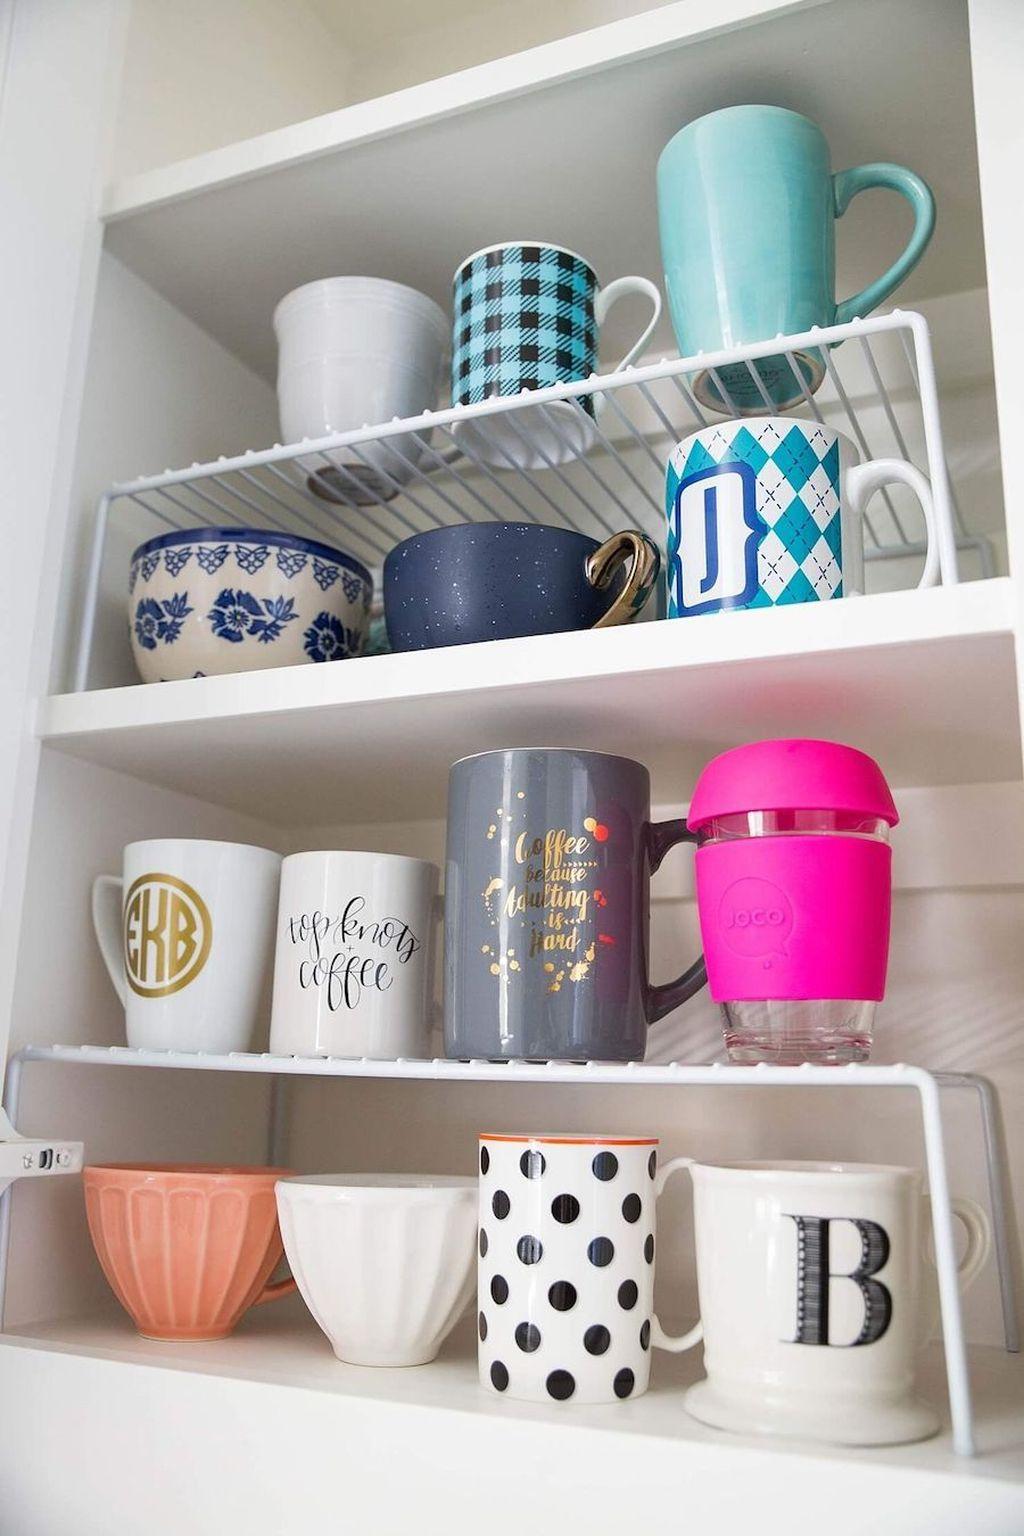 Best Design Ideas For Kitchen Organization Cabinets 20